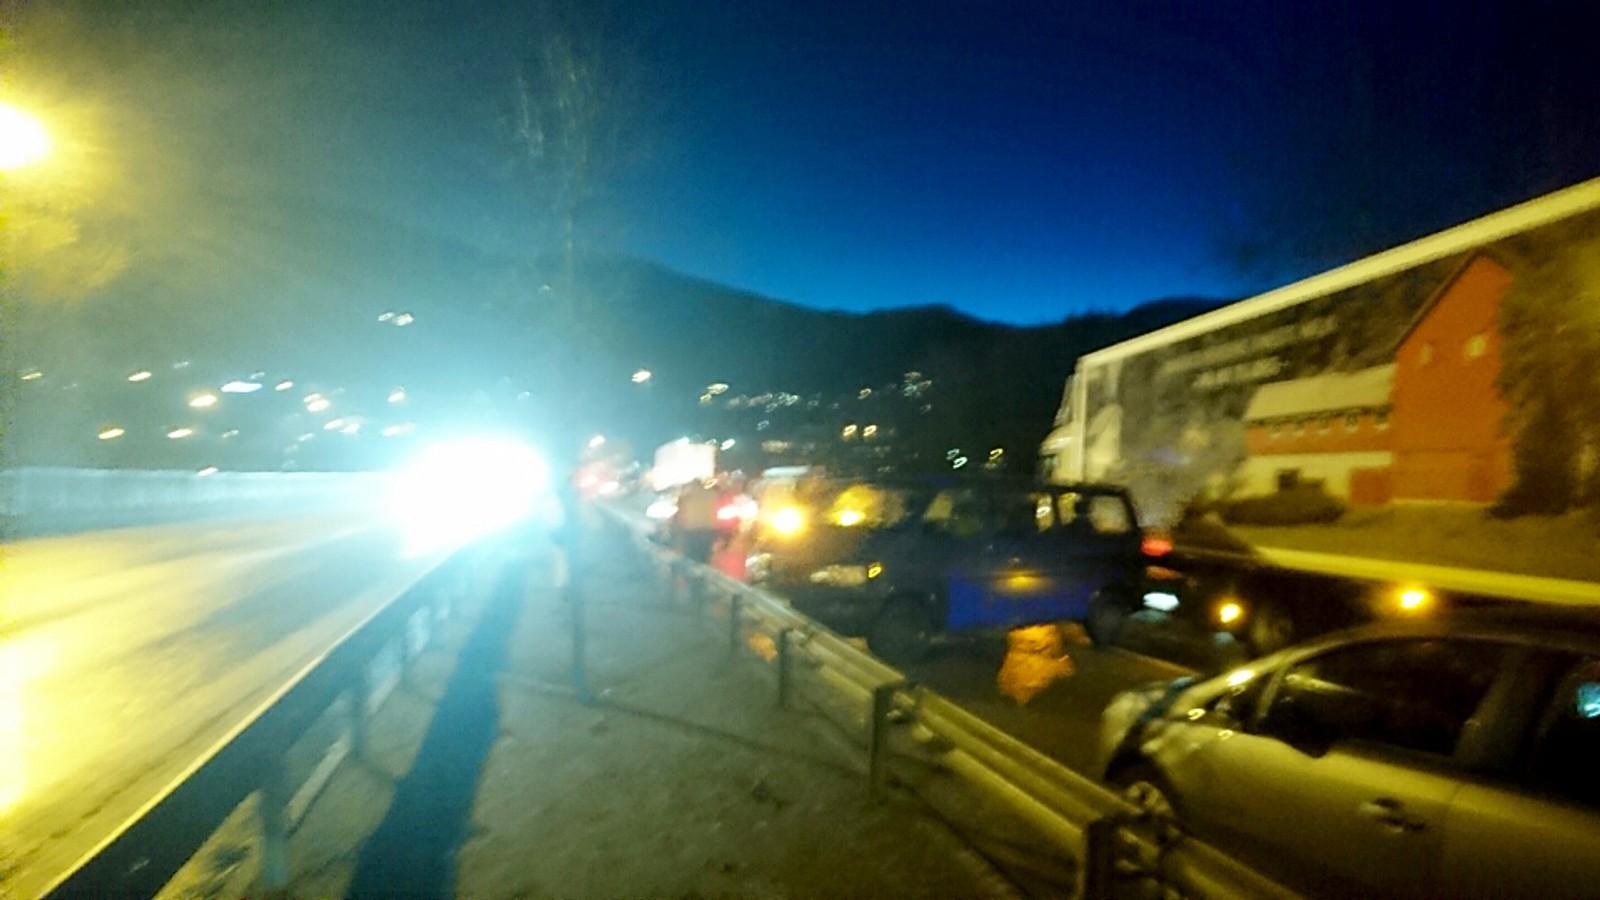 E39 går gjennom Eidsvåg i Jordalen, og mellom tunnelen i denne dalen var det ekstremt glatt. Folk til fots hadde vanskelig for å holde seg på beina, både i veibanen og på fortau.